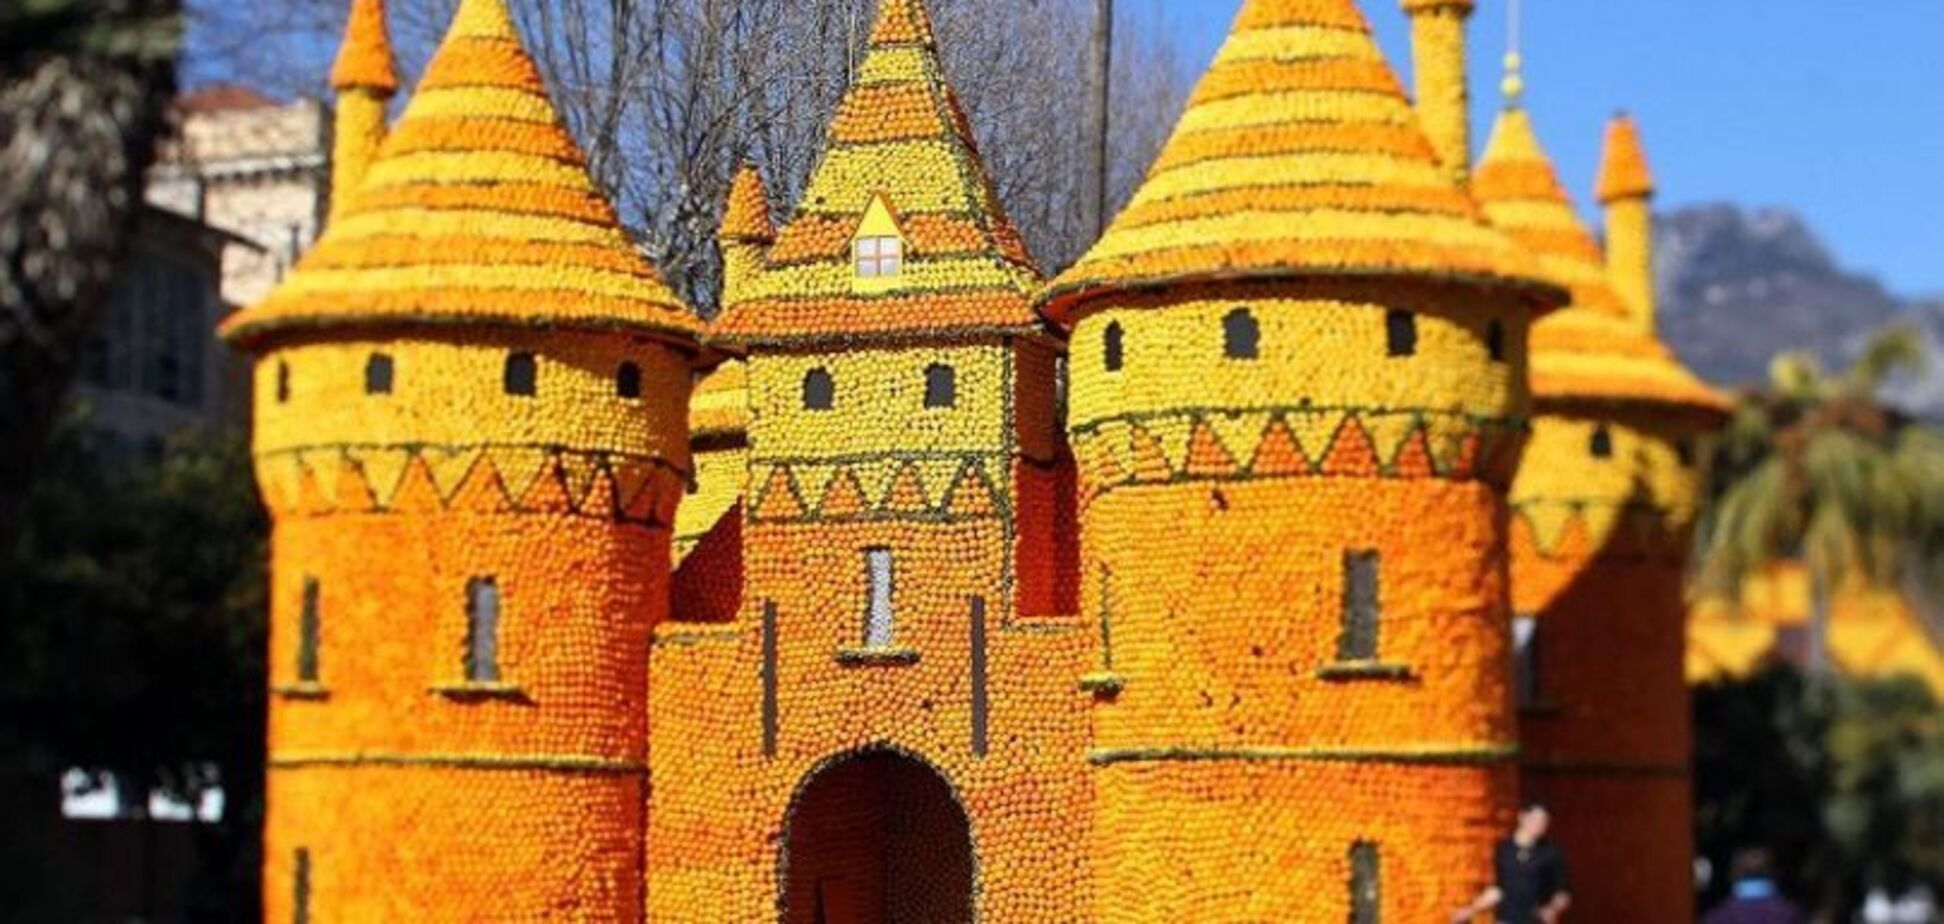 Зачем Киеву замок из апельсинов